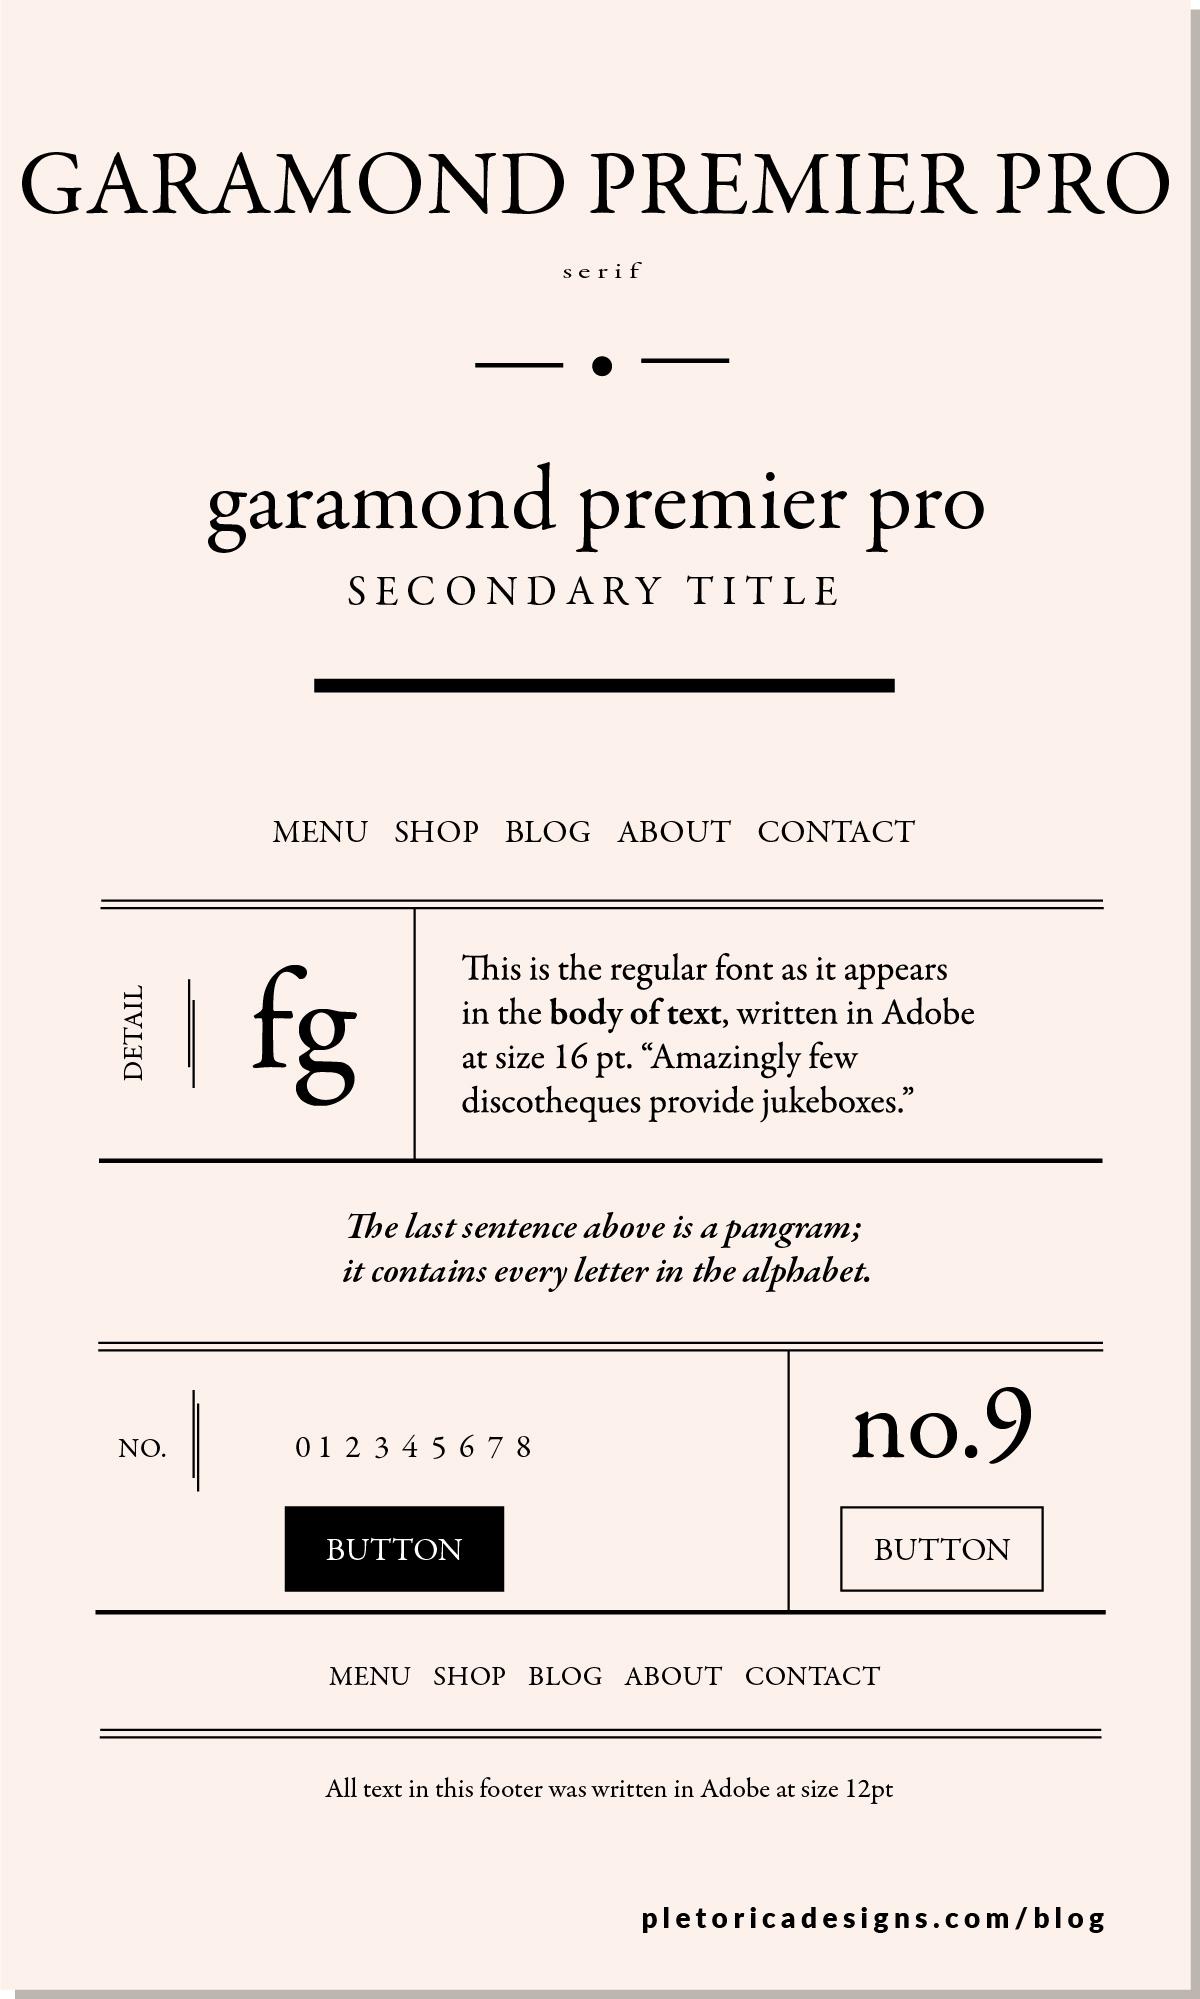 POSTER_GaramondPremierProArtboard 2.jpg